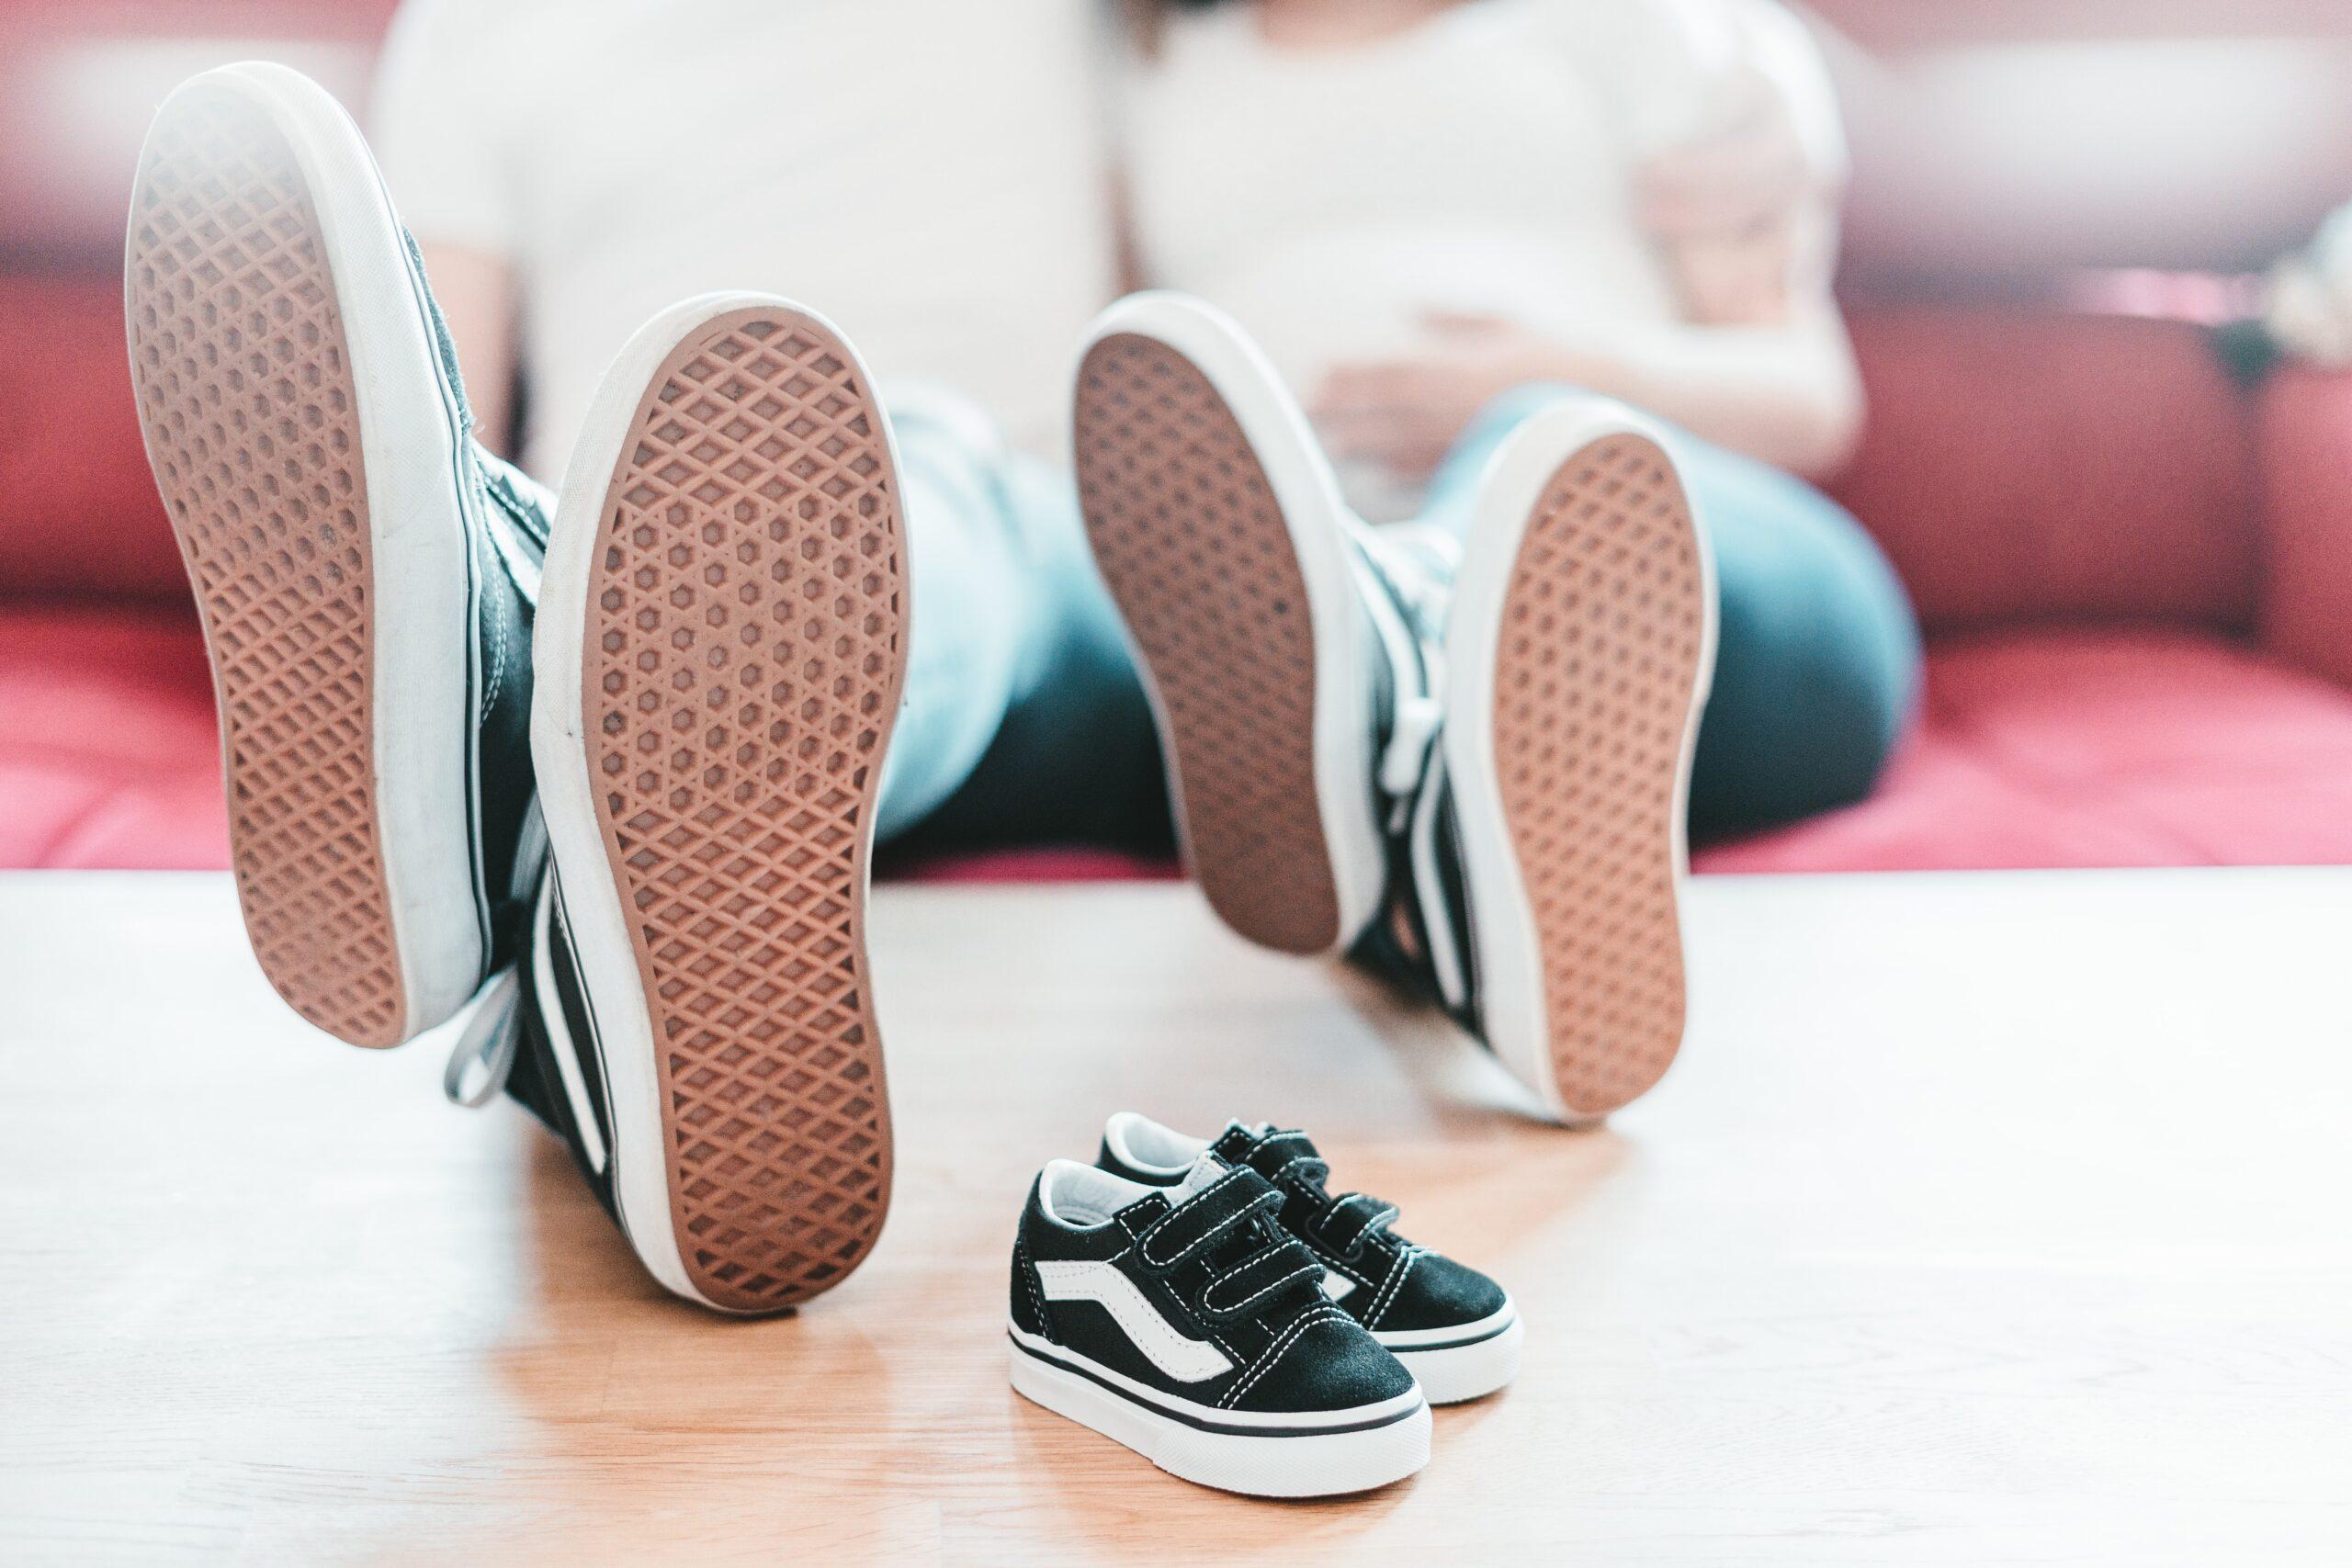 Pompom børnesko til de mindstes fødder